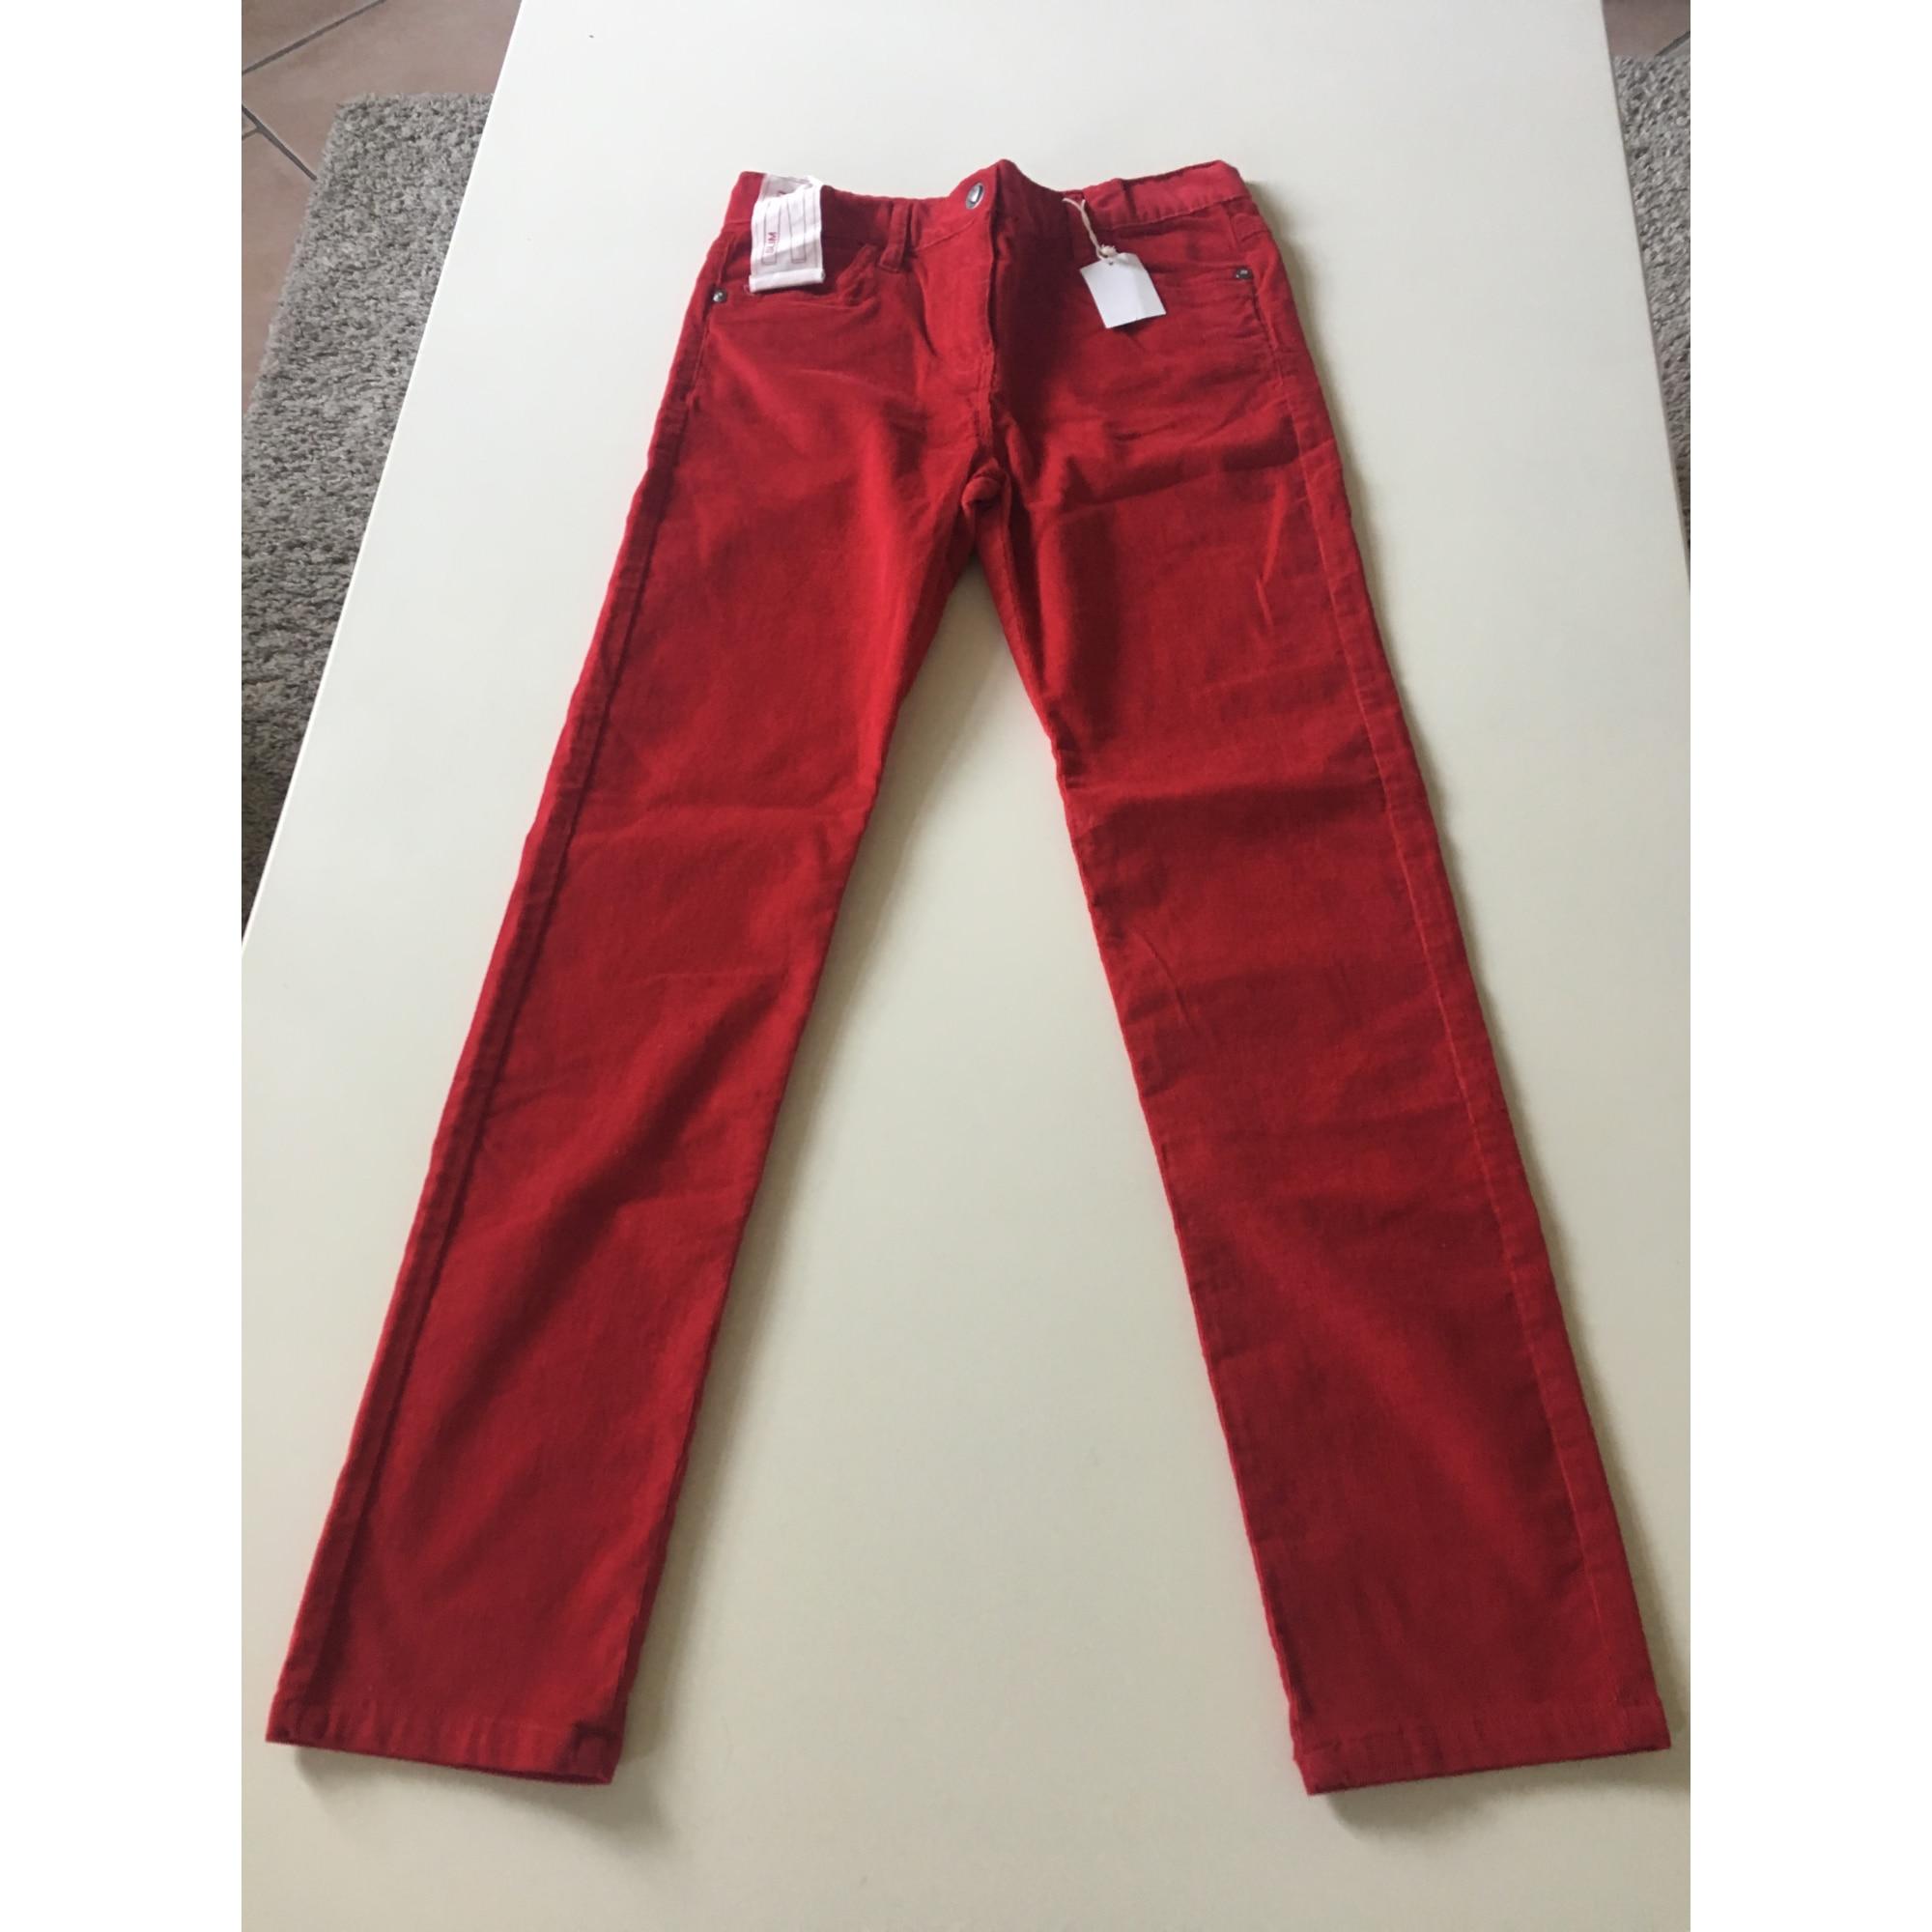 Pantalon KID'S GRAFFITI Rouge, bordeaux